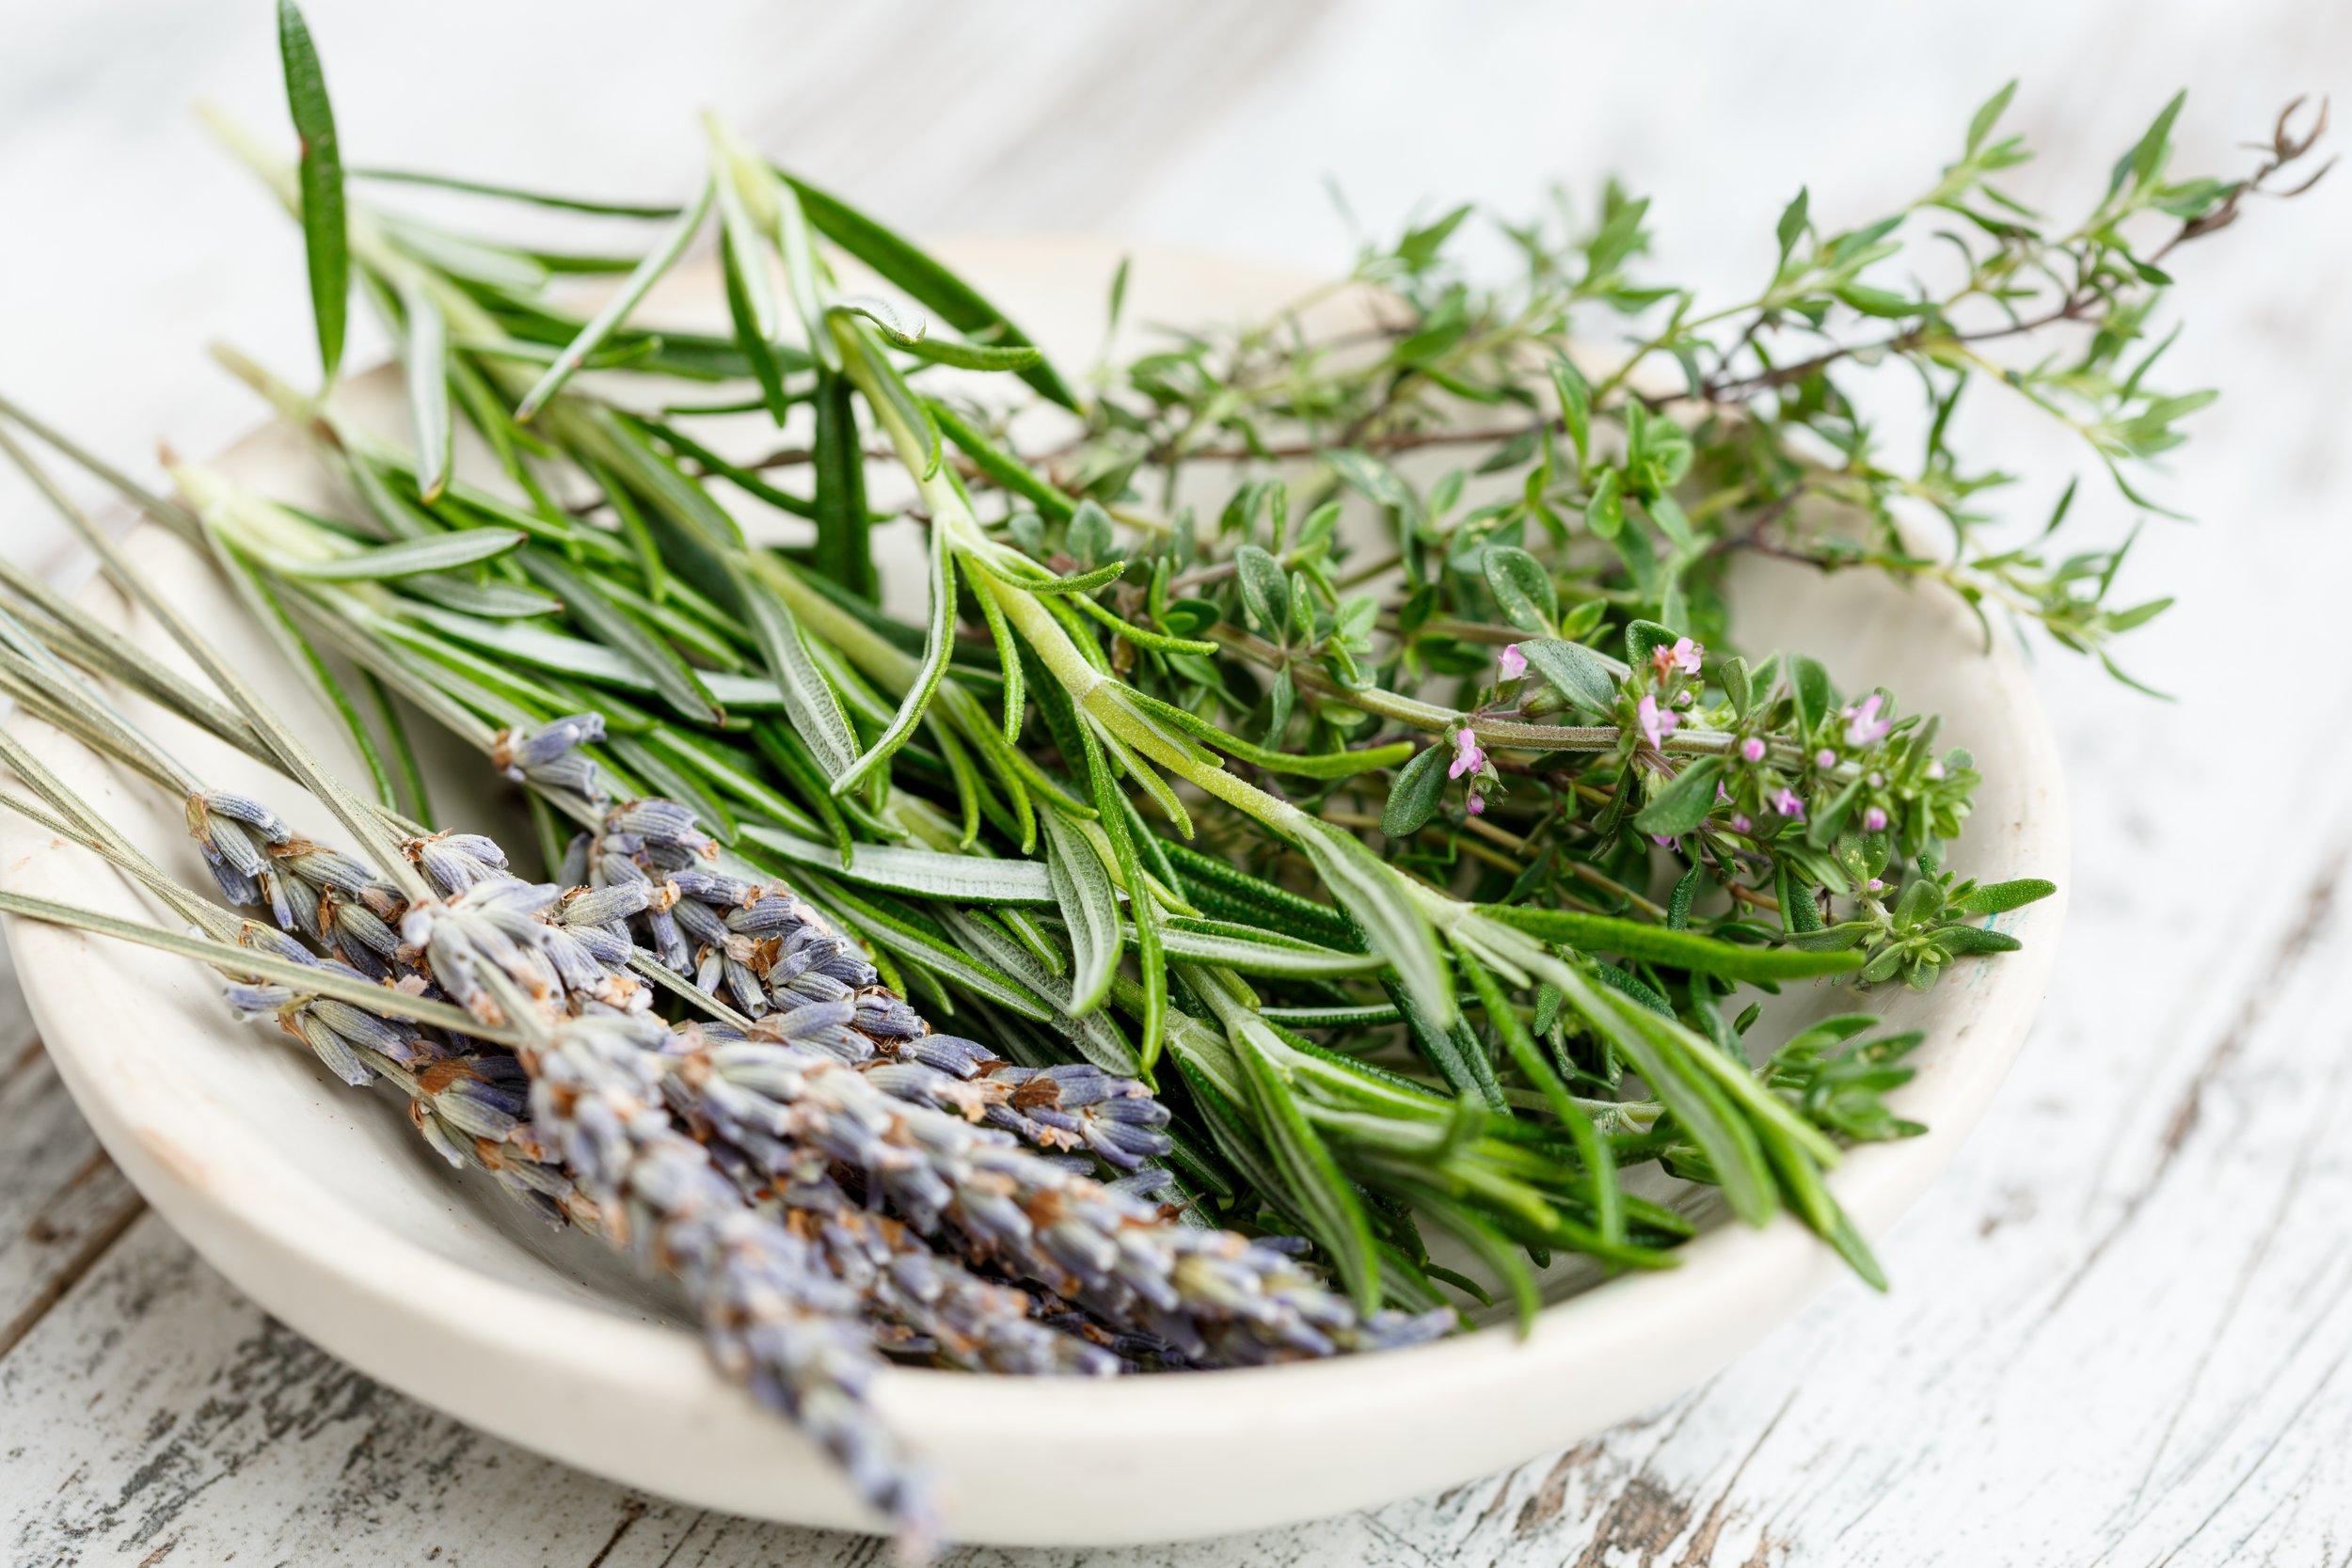 lavender-rosemary-essential-oils-skincare.jpg